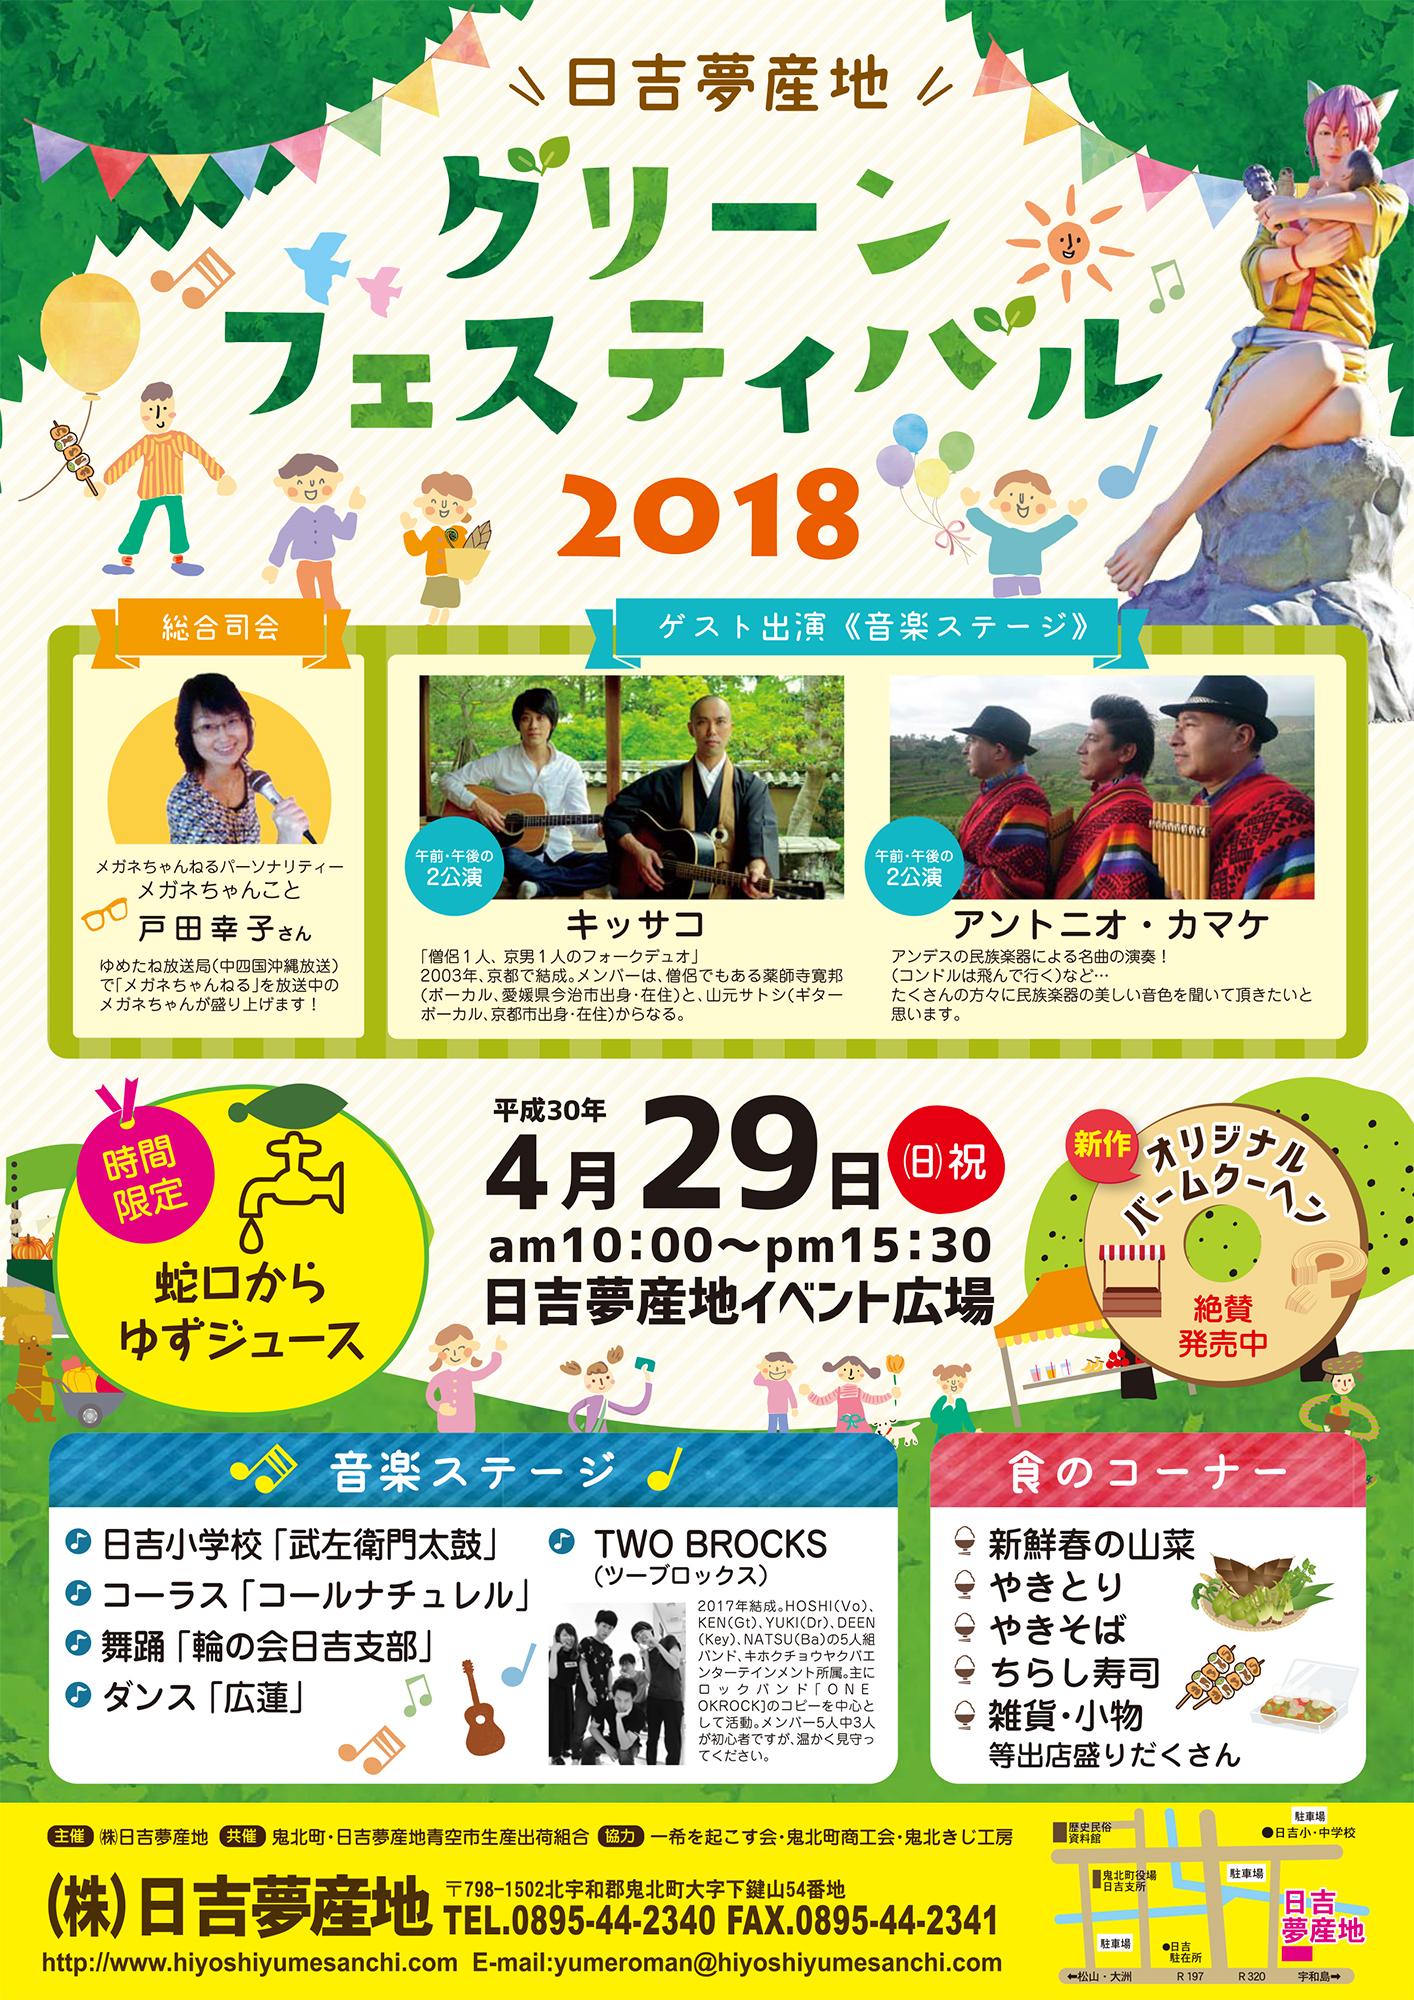 4/29(日)【愛媛】道の駅 日吉夢産地 グリーンフェスティバル